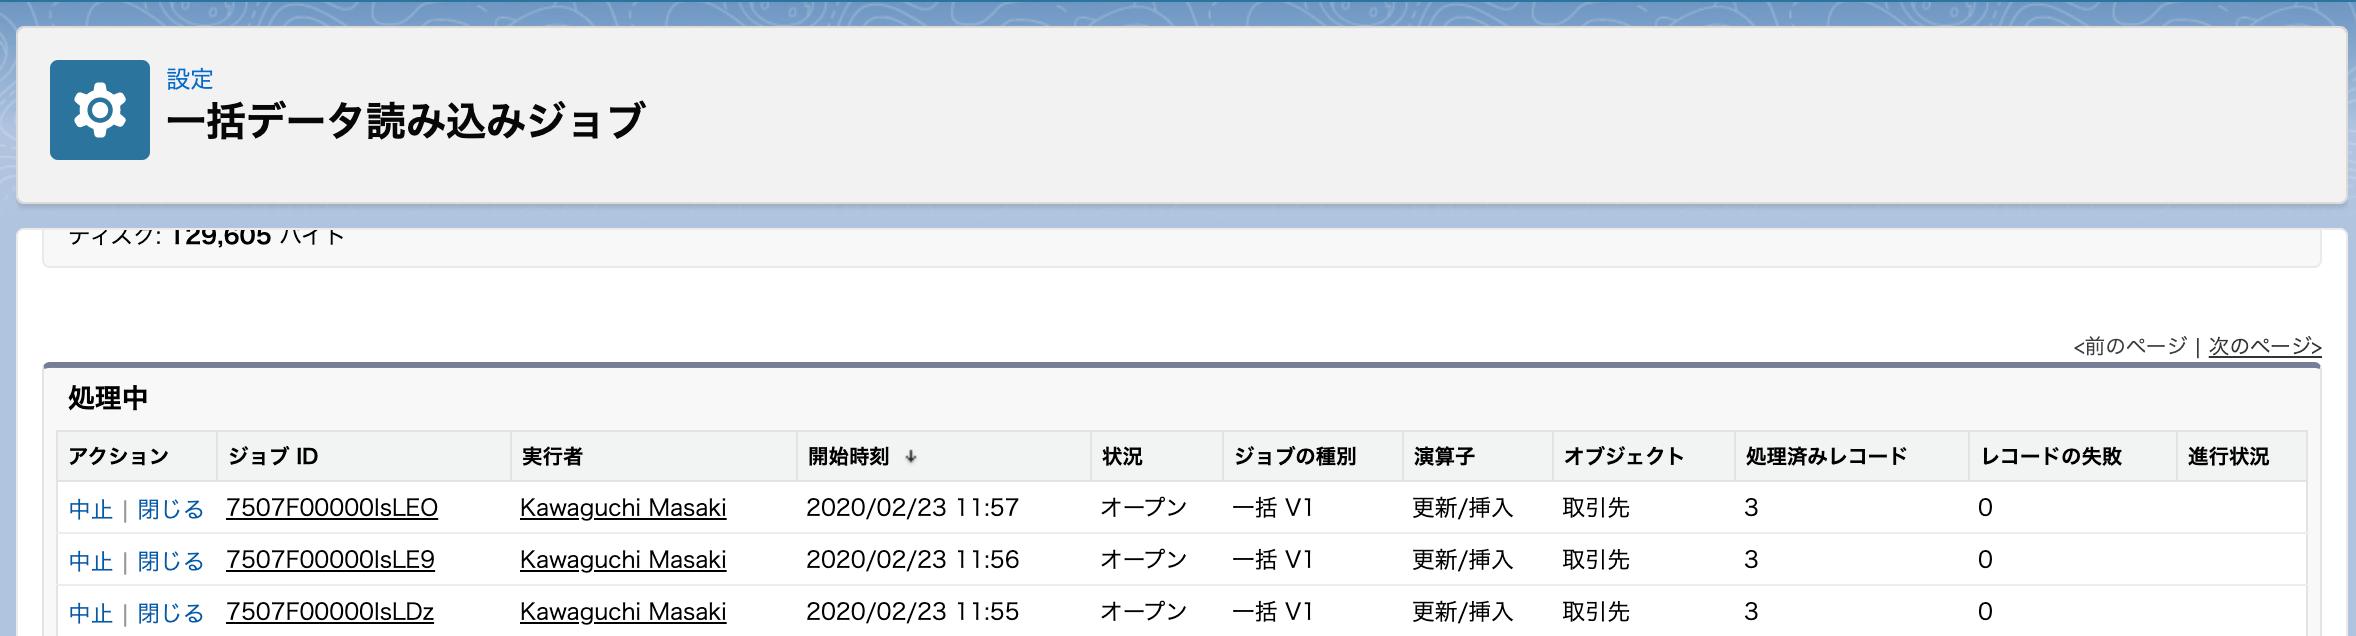 スクリーンショット 2020-02-23 20.05.09.png